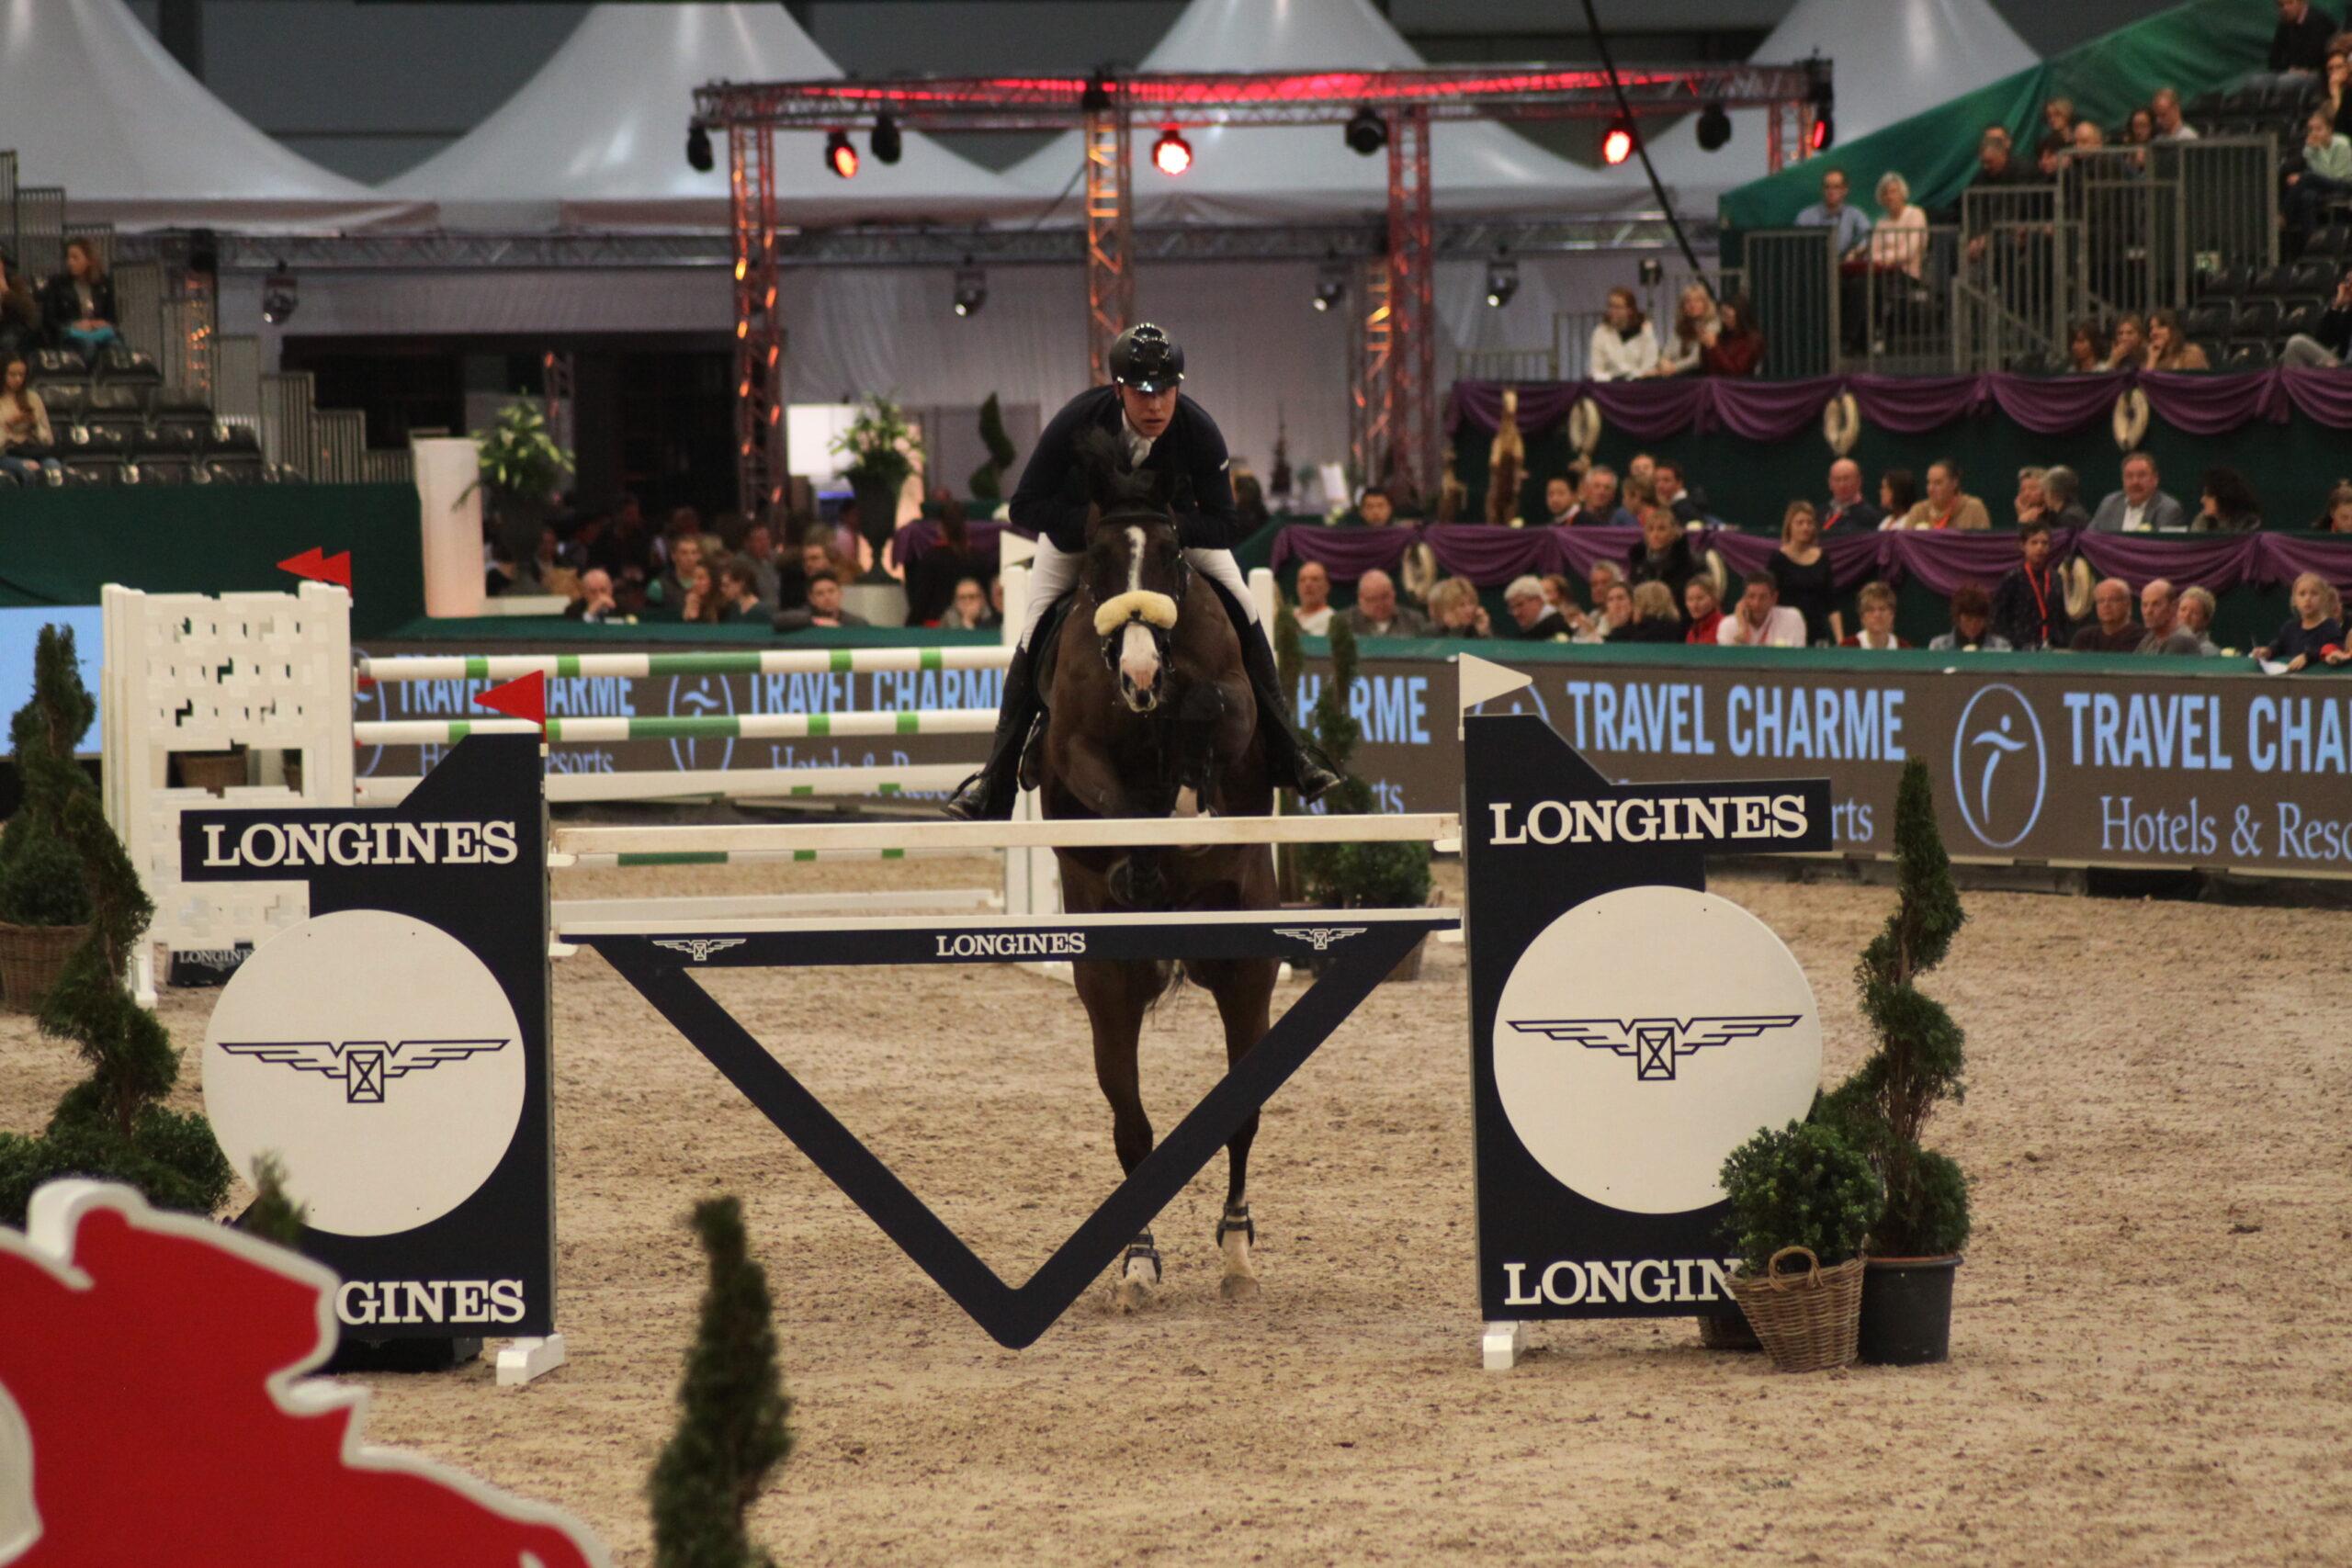 Pferdesport – Springreiten: Ein Reiter auf einem braunen Pferd. Die Vorderhufen des Pferdes befinden sich bereits in der Luft und überqueren ein Hindernis, das von grünen Sträuchern umgeben ist, Foto: Kati Lomb.